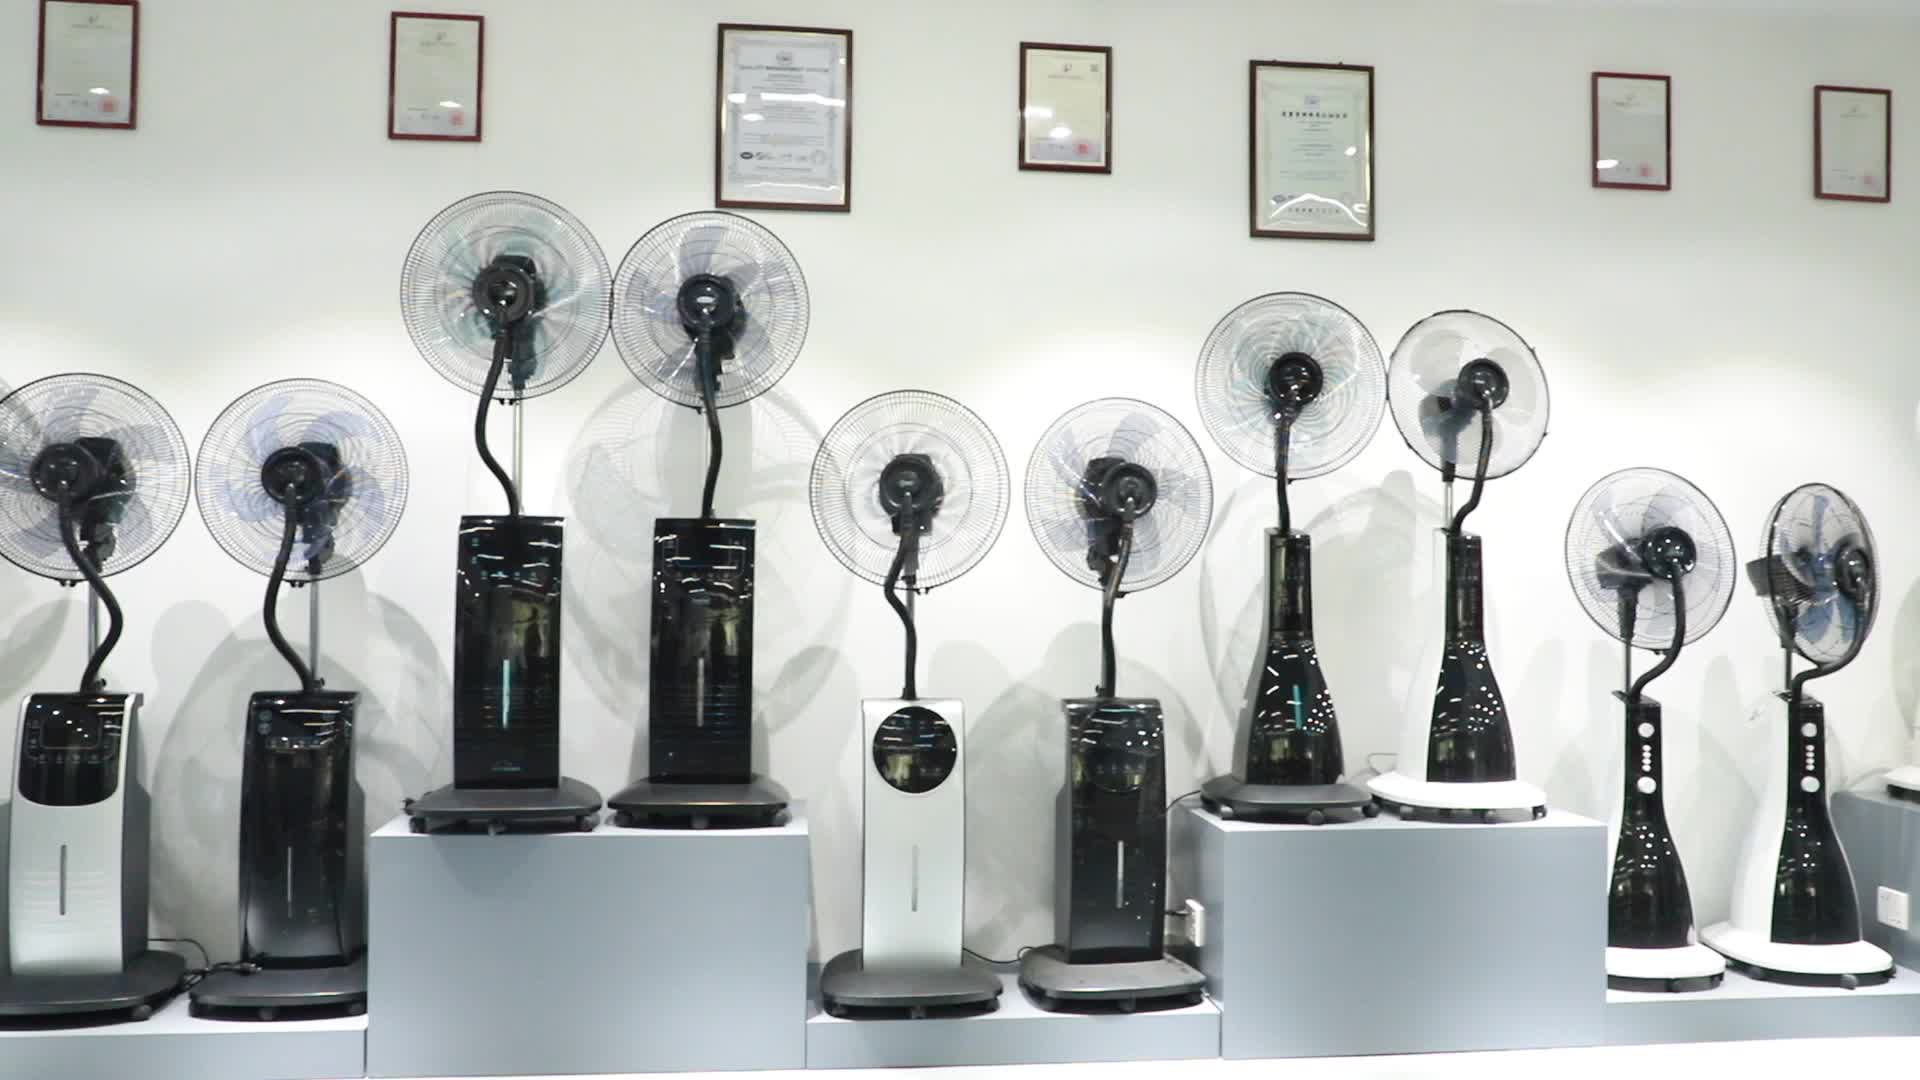 2019 ใหม่รุ่น Mist พัดลม ventilador de humidificacion